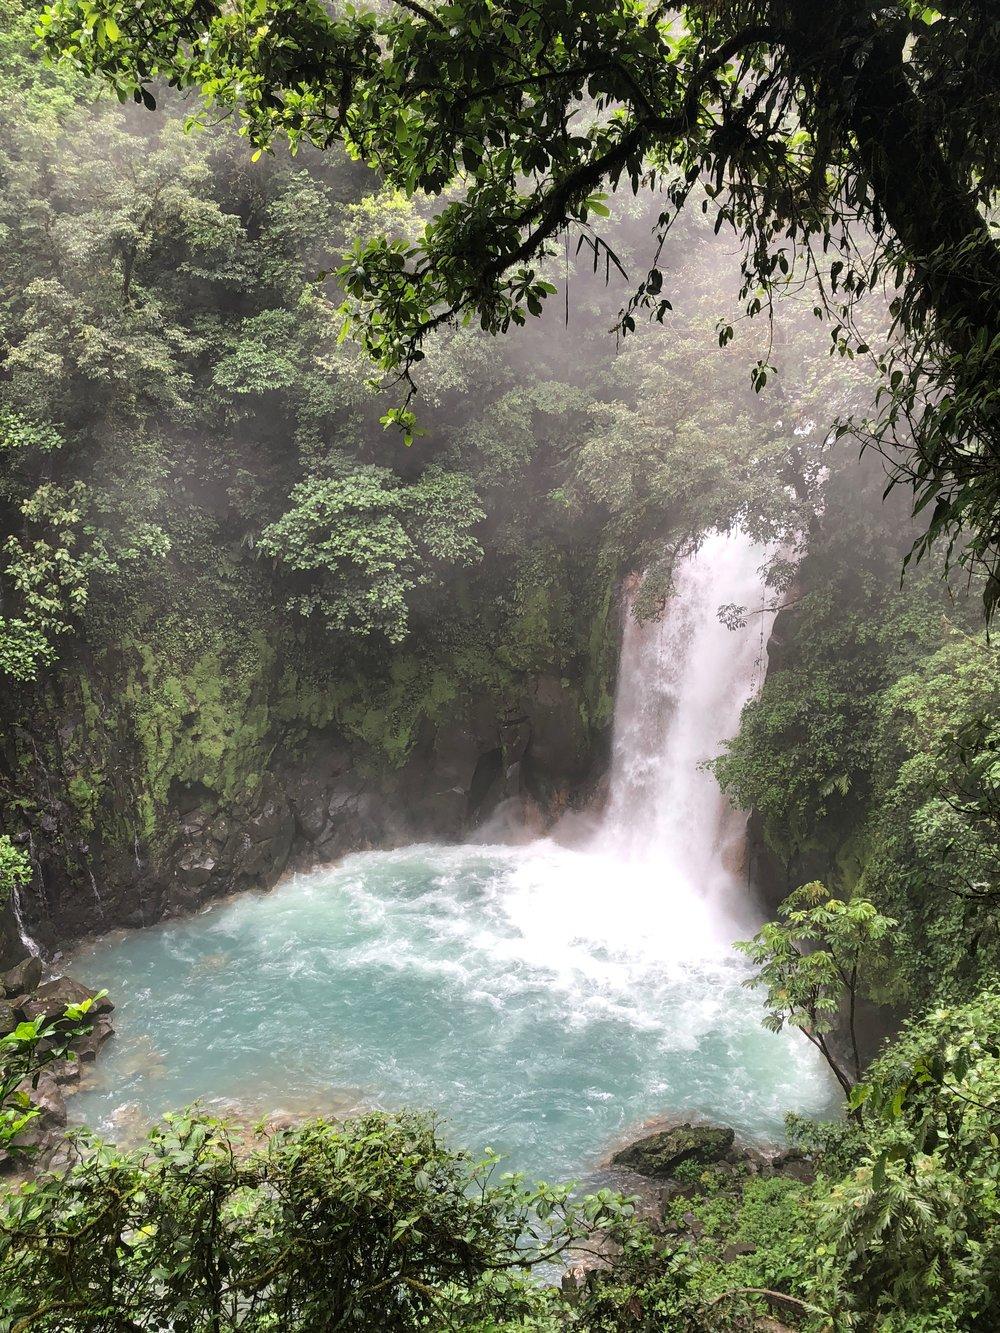 Rio Celeste at Parque Nacional Volcán Tenorio